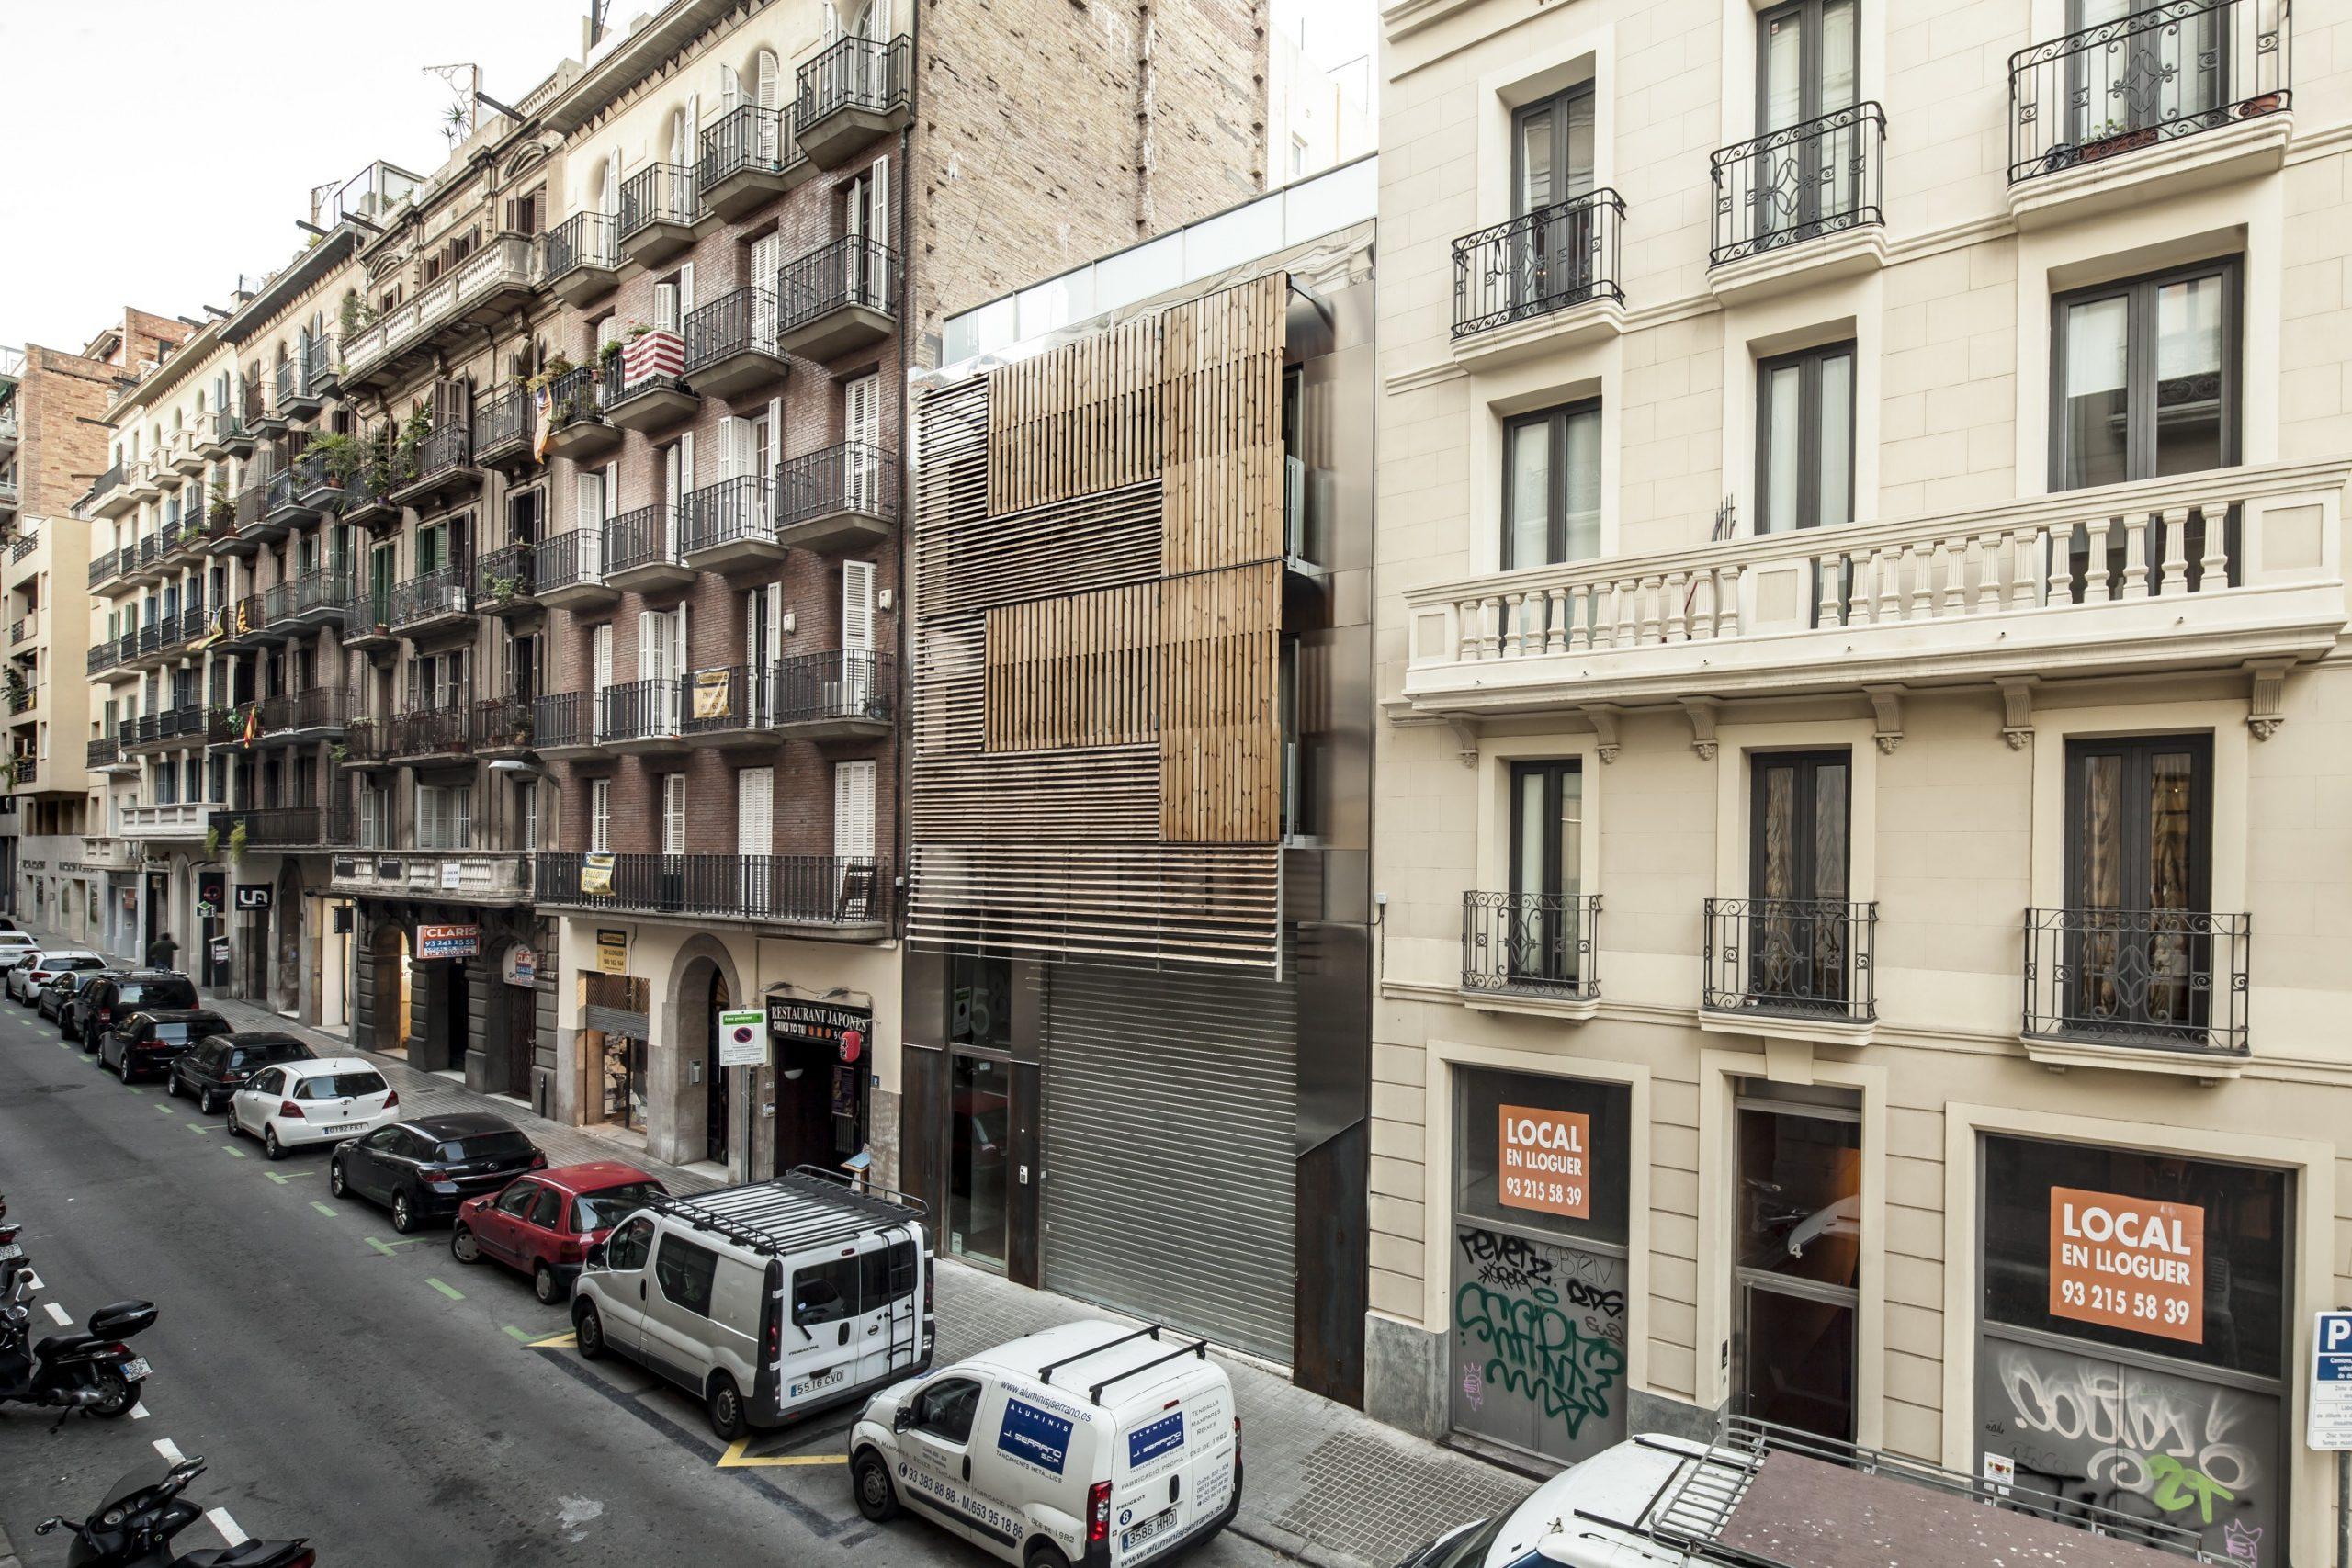 Alquiler apartamentos en Barcelona – Consejos útiles